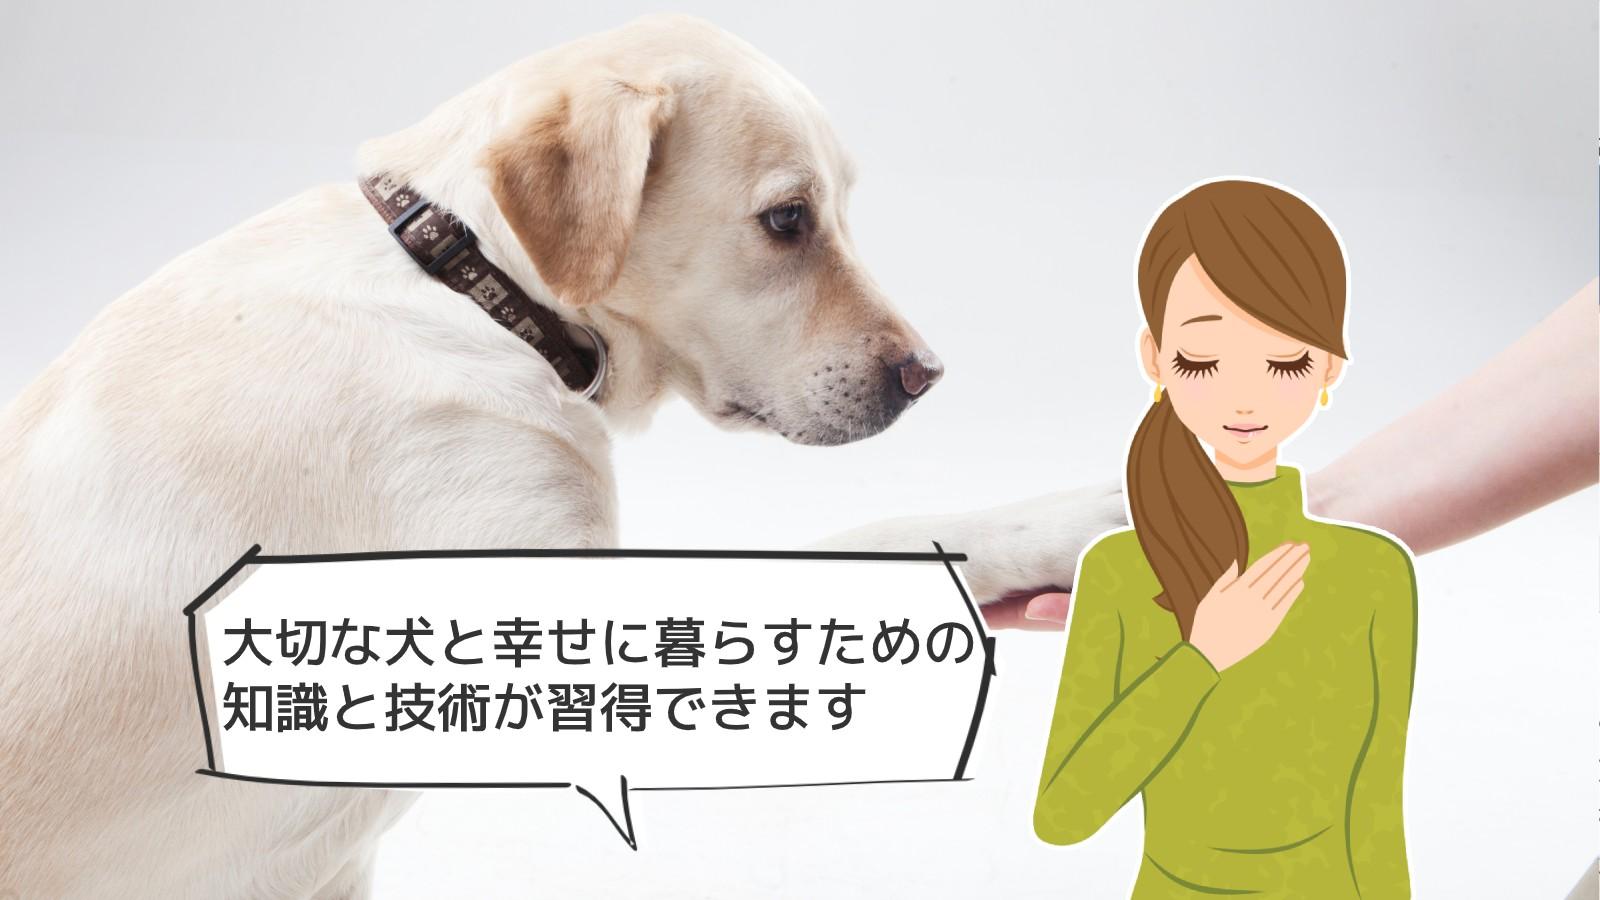 「犬のしつけインストラクター資格」のアイキャッチ画像